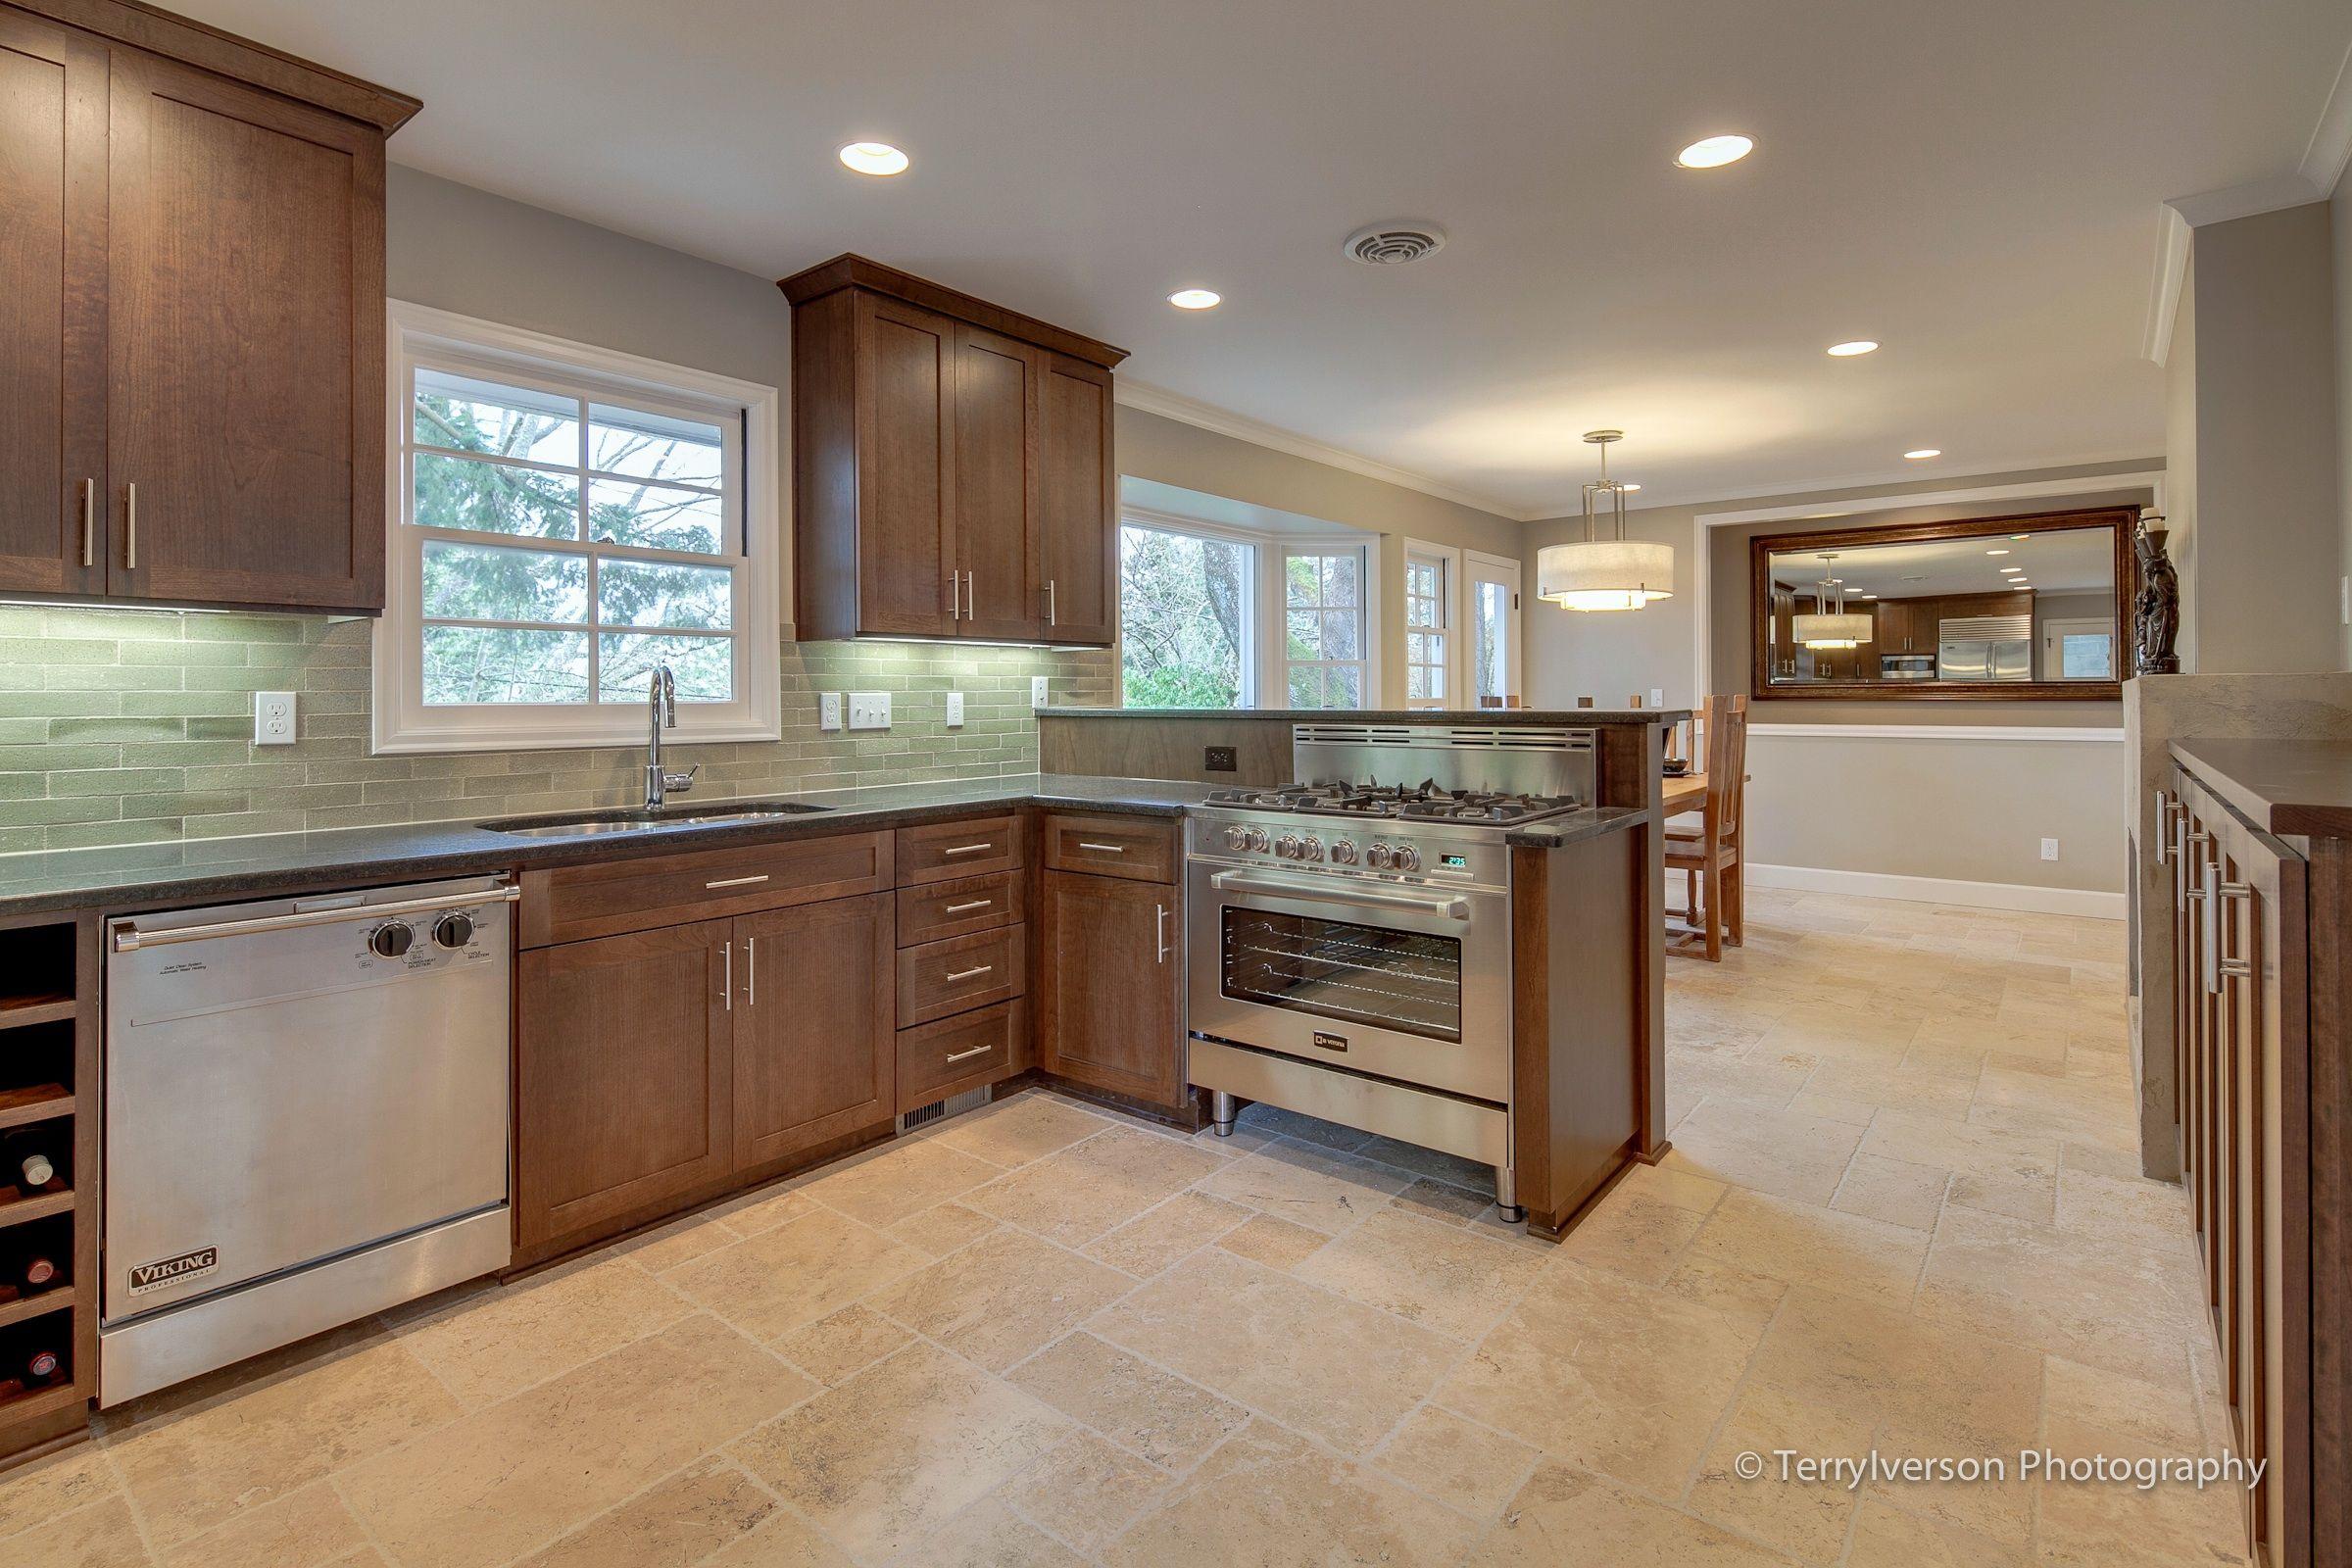 Travertine Kitchen Floor | Kitchen and dining room with travertine ...